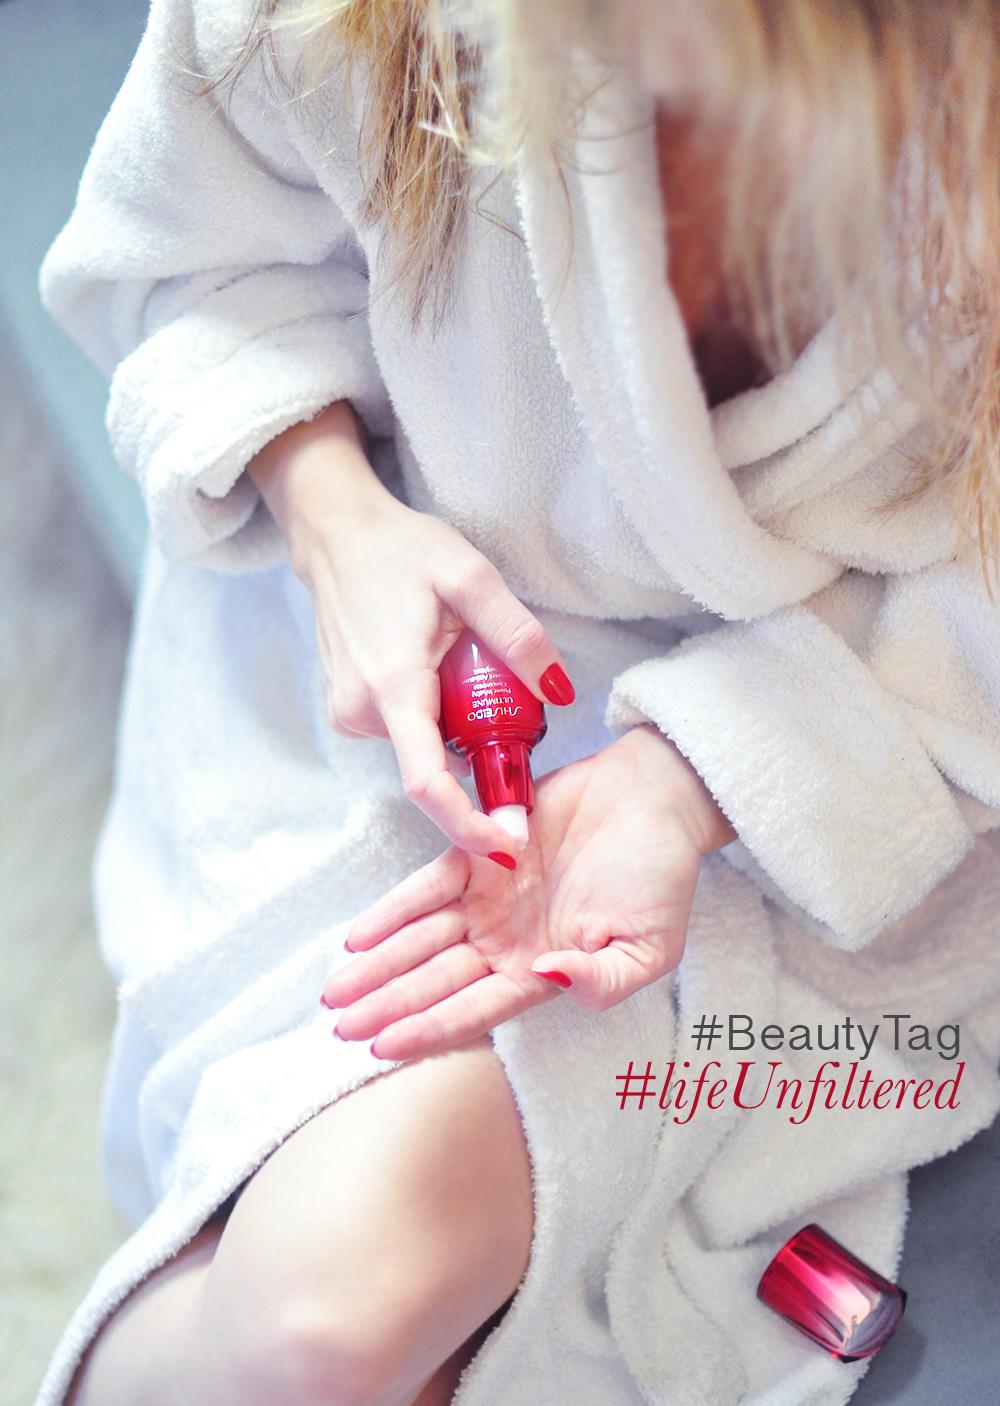 Shiseido_Ultimune_Life Unaltered